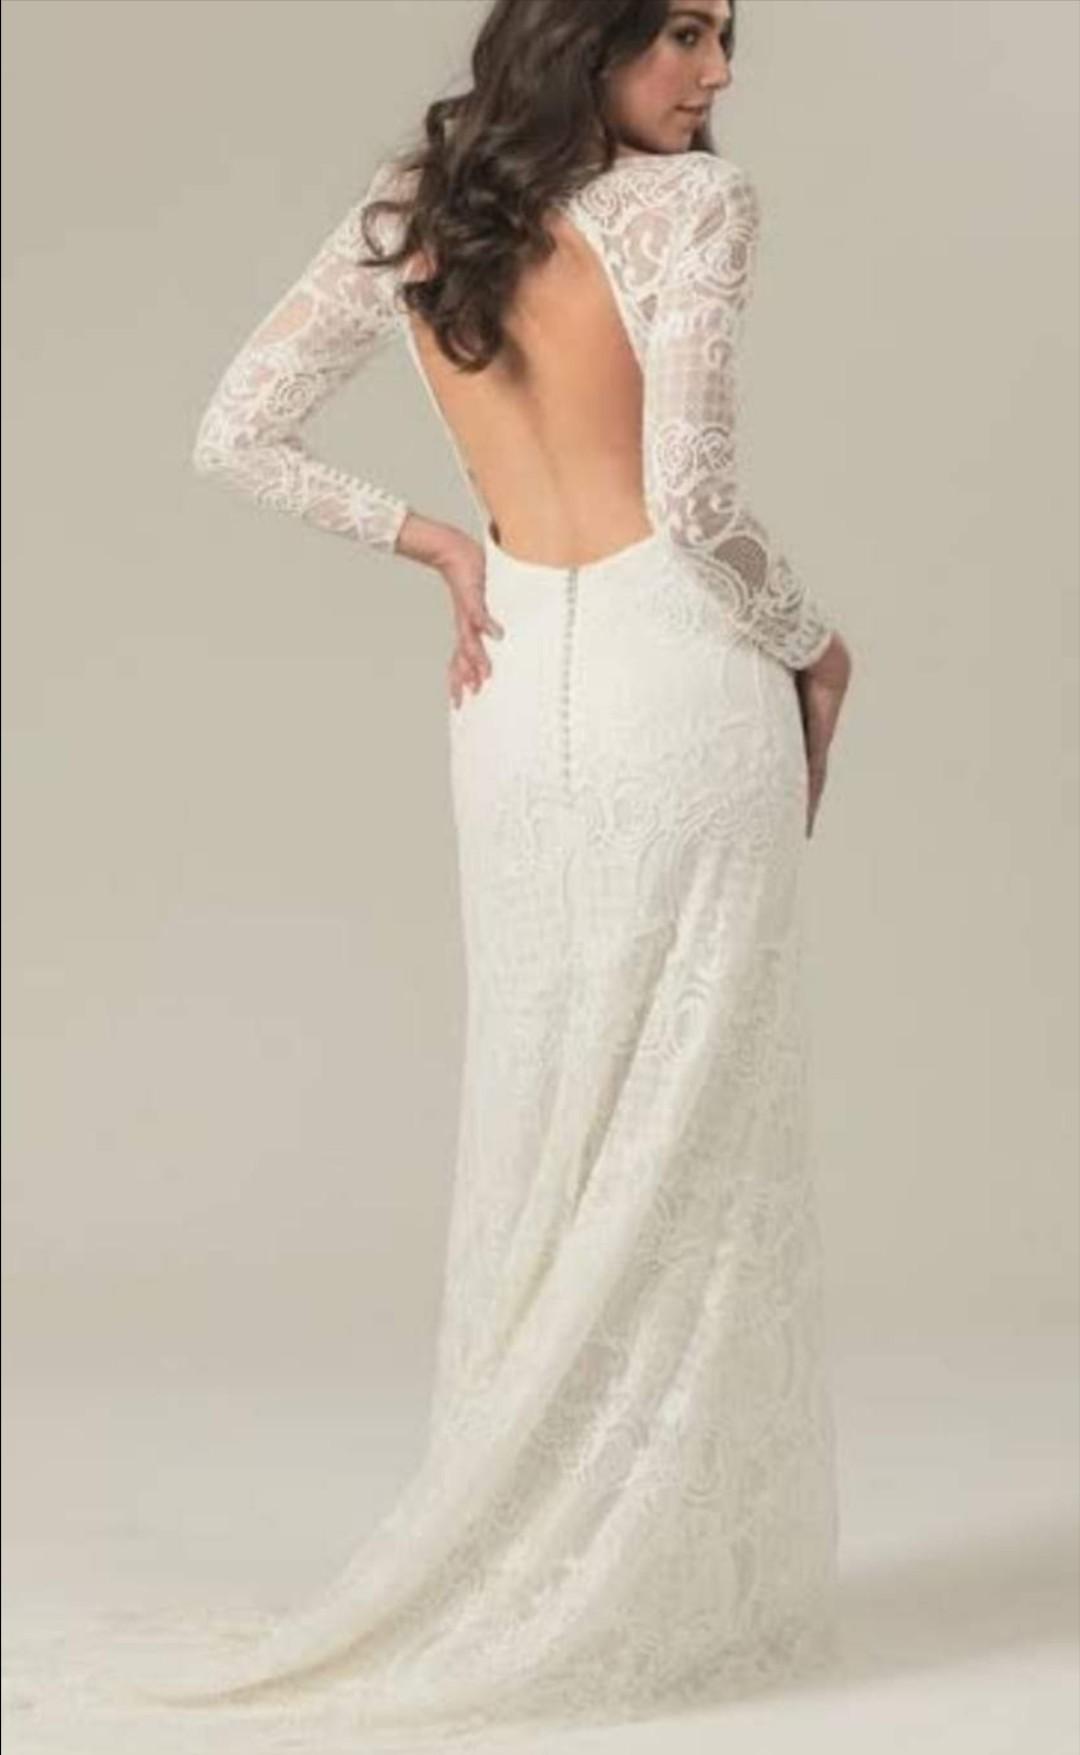 86a567618e1bd Becketts Bride Vera Wang Monique Lhuillier Reem Acra Berta Renta.